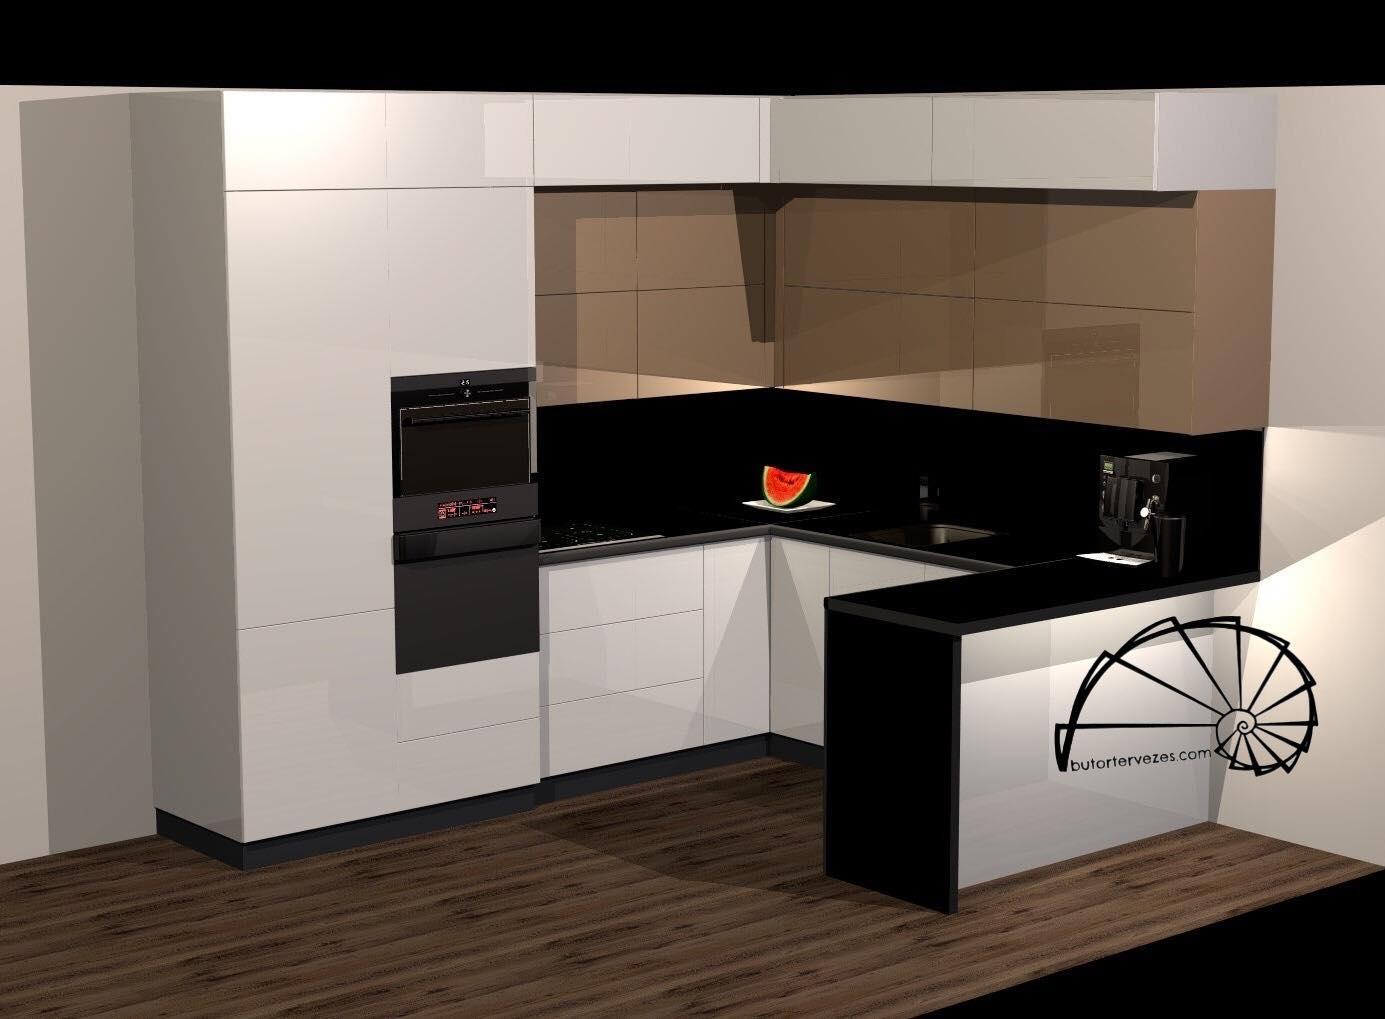 Egyedi magasfényű fehér és matt kávé akril konyhabútor szigettel, 3d látványterv